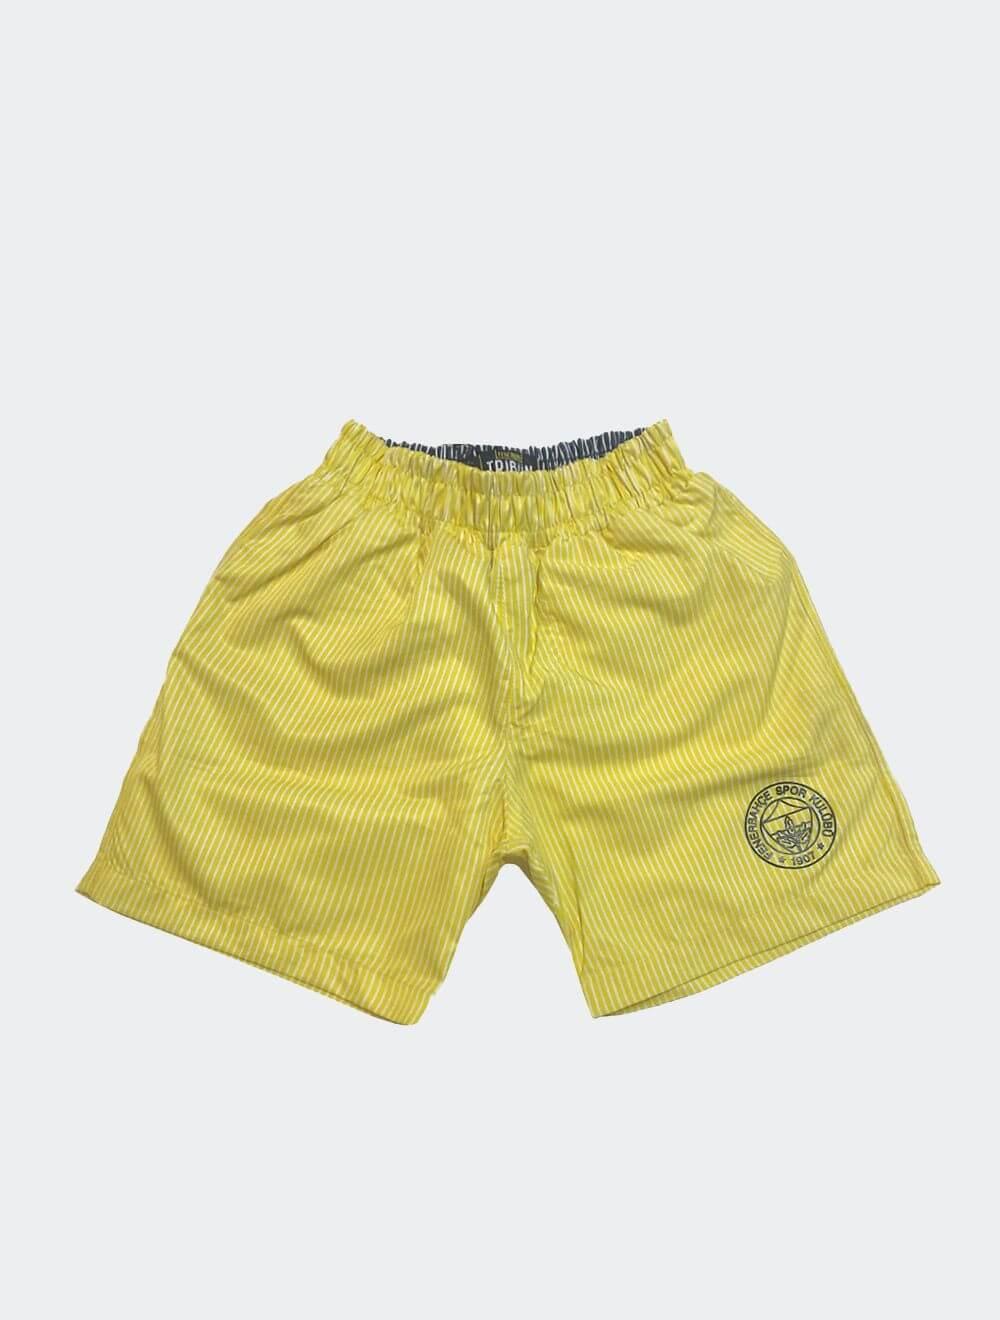 Çocuk Sarı Tribün Fenerbahçe Mayo Şort